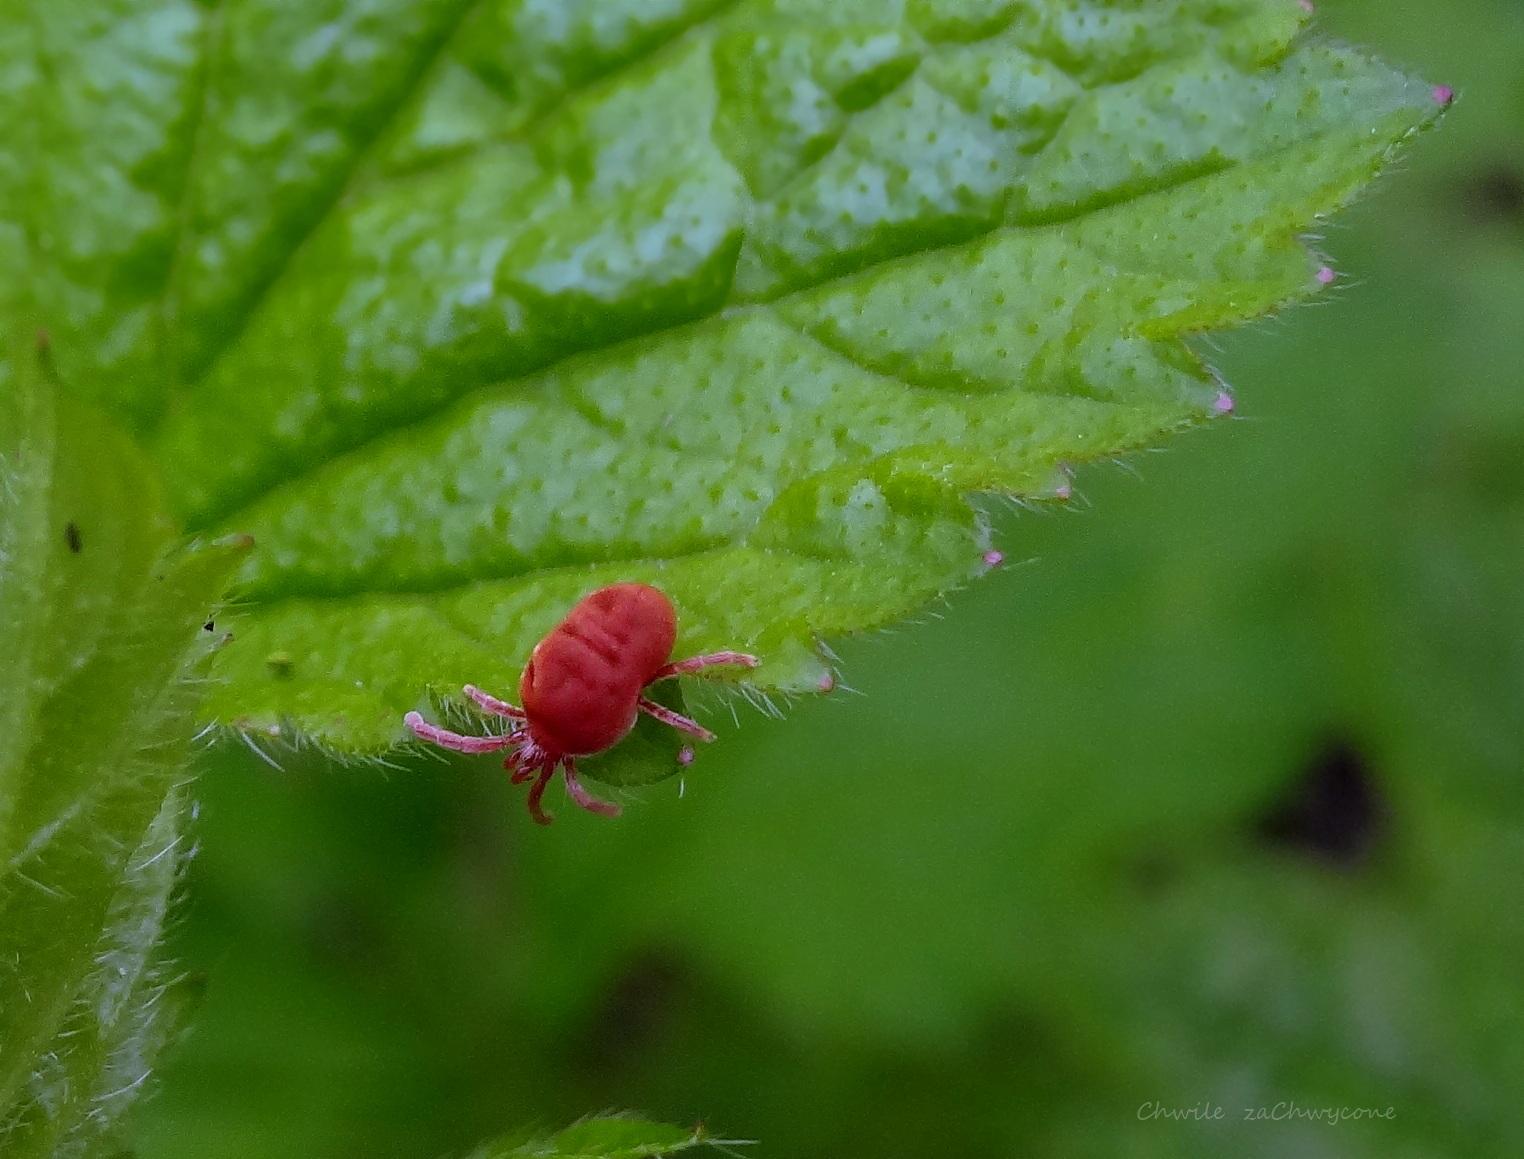 Lądzień czerwonatka, aksamitka, Trombidium holosericeum